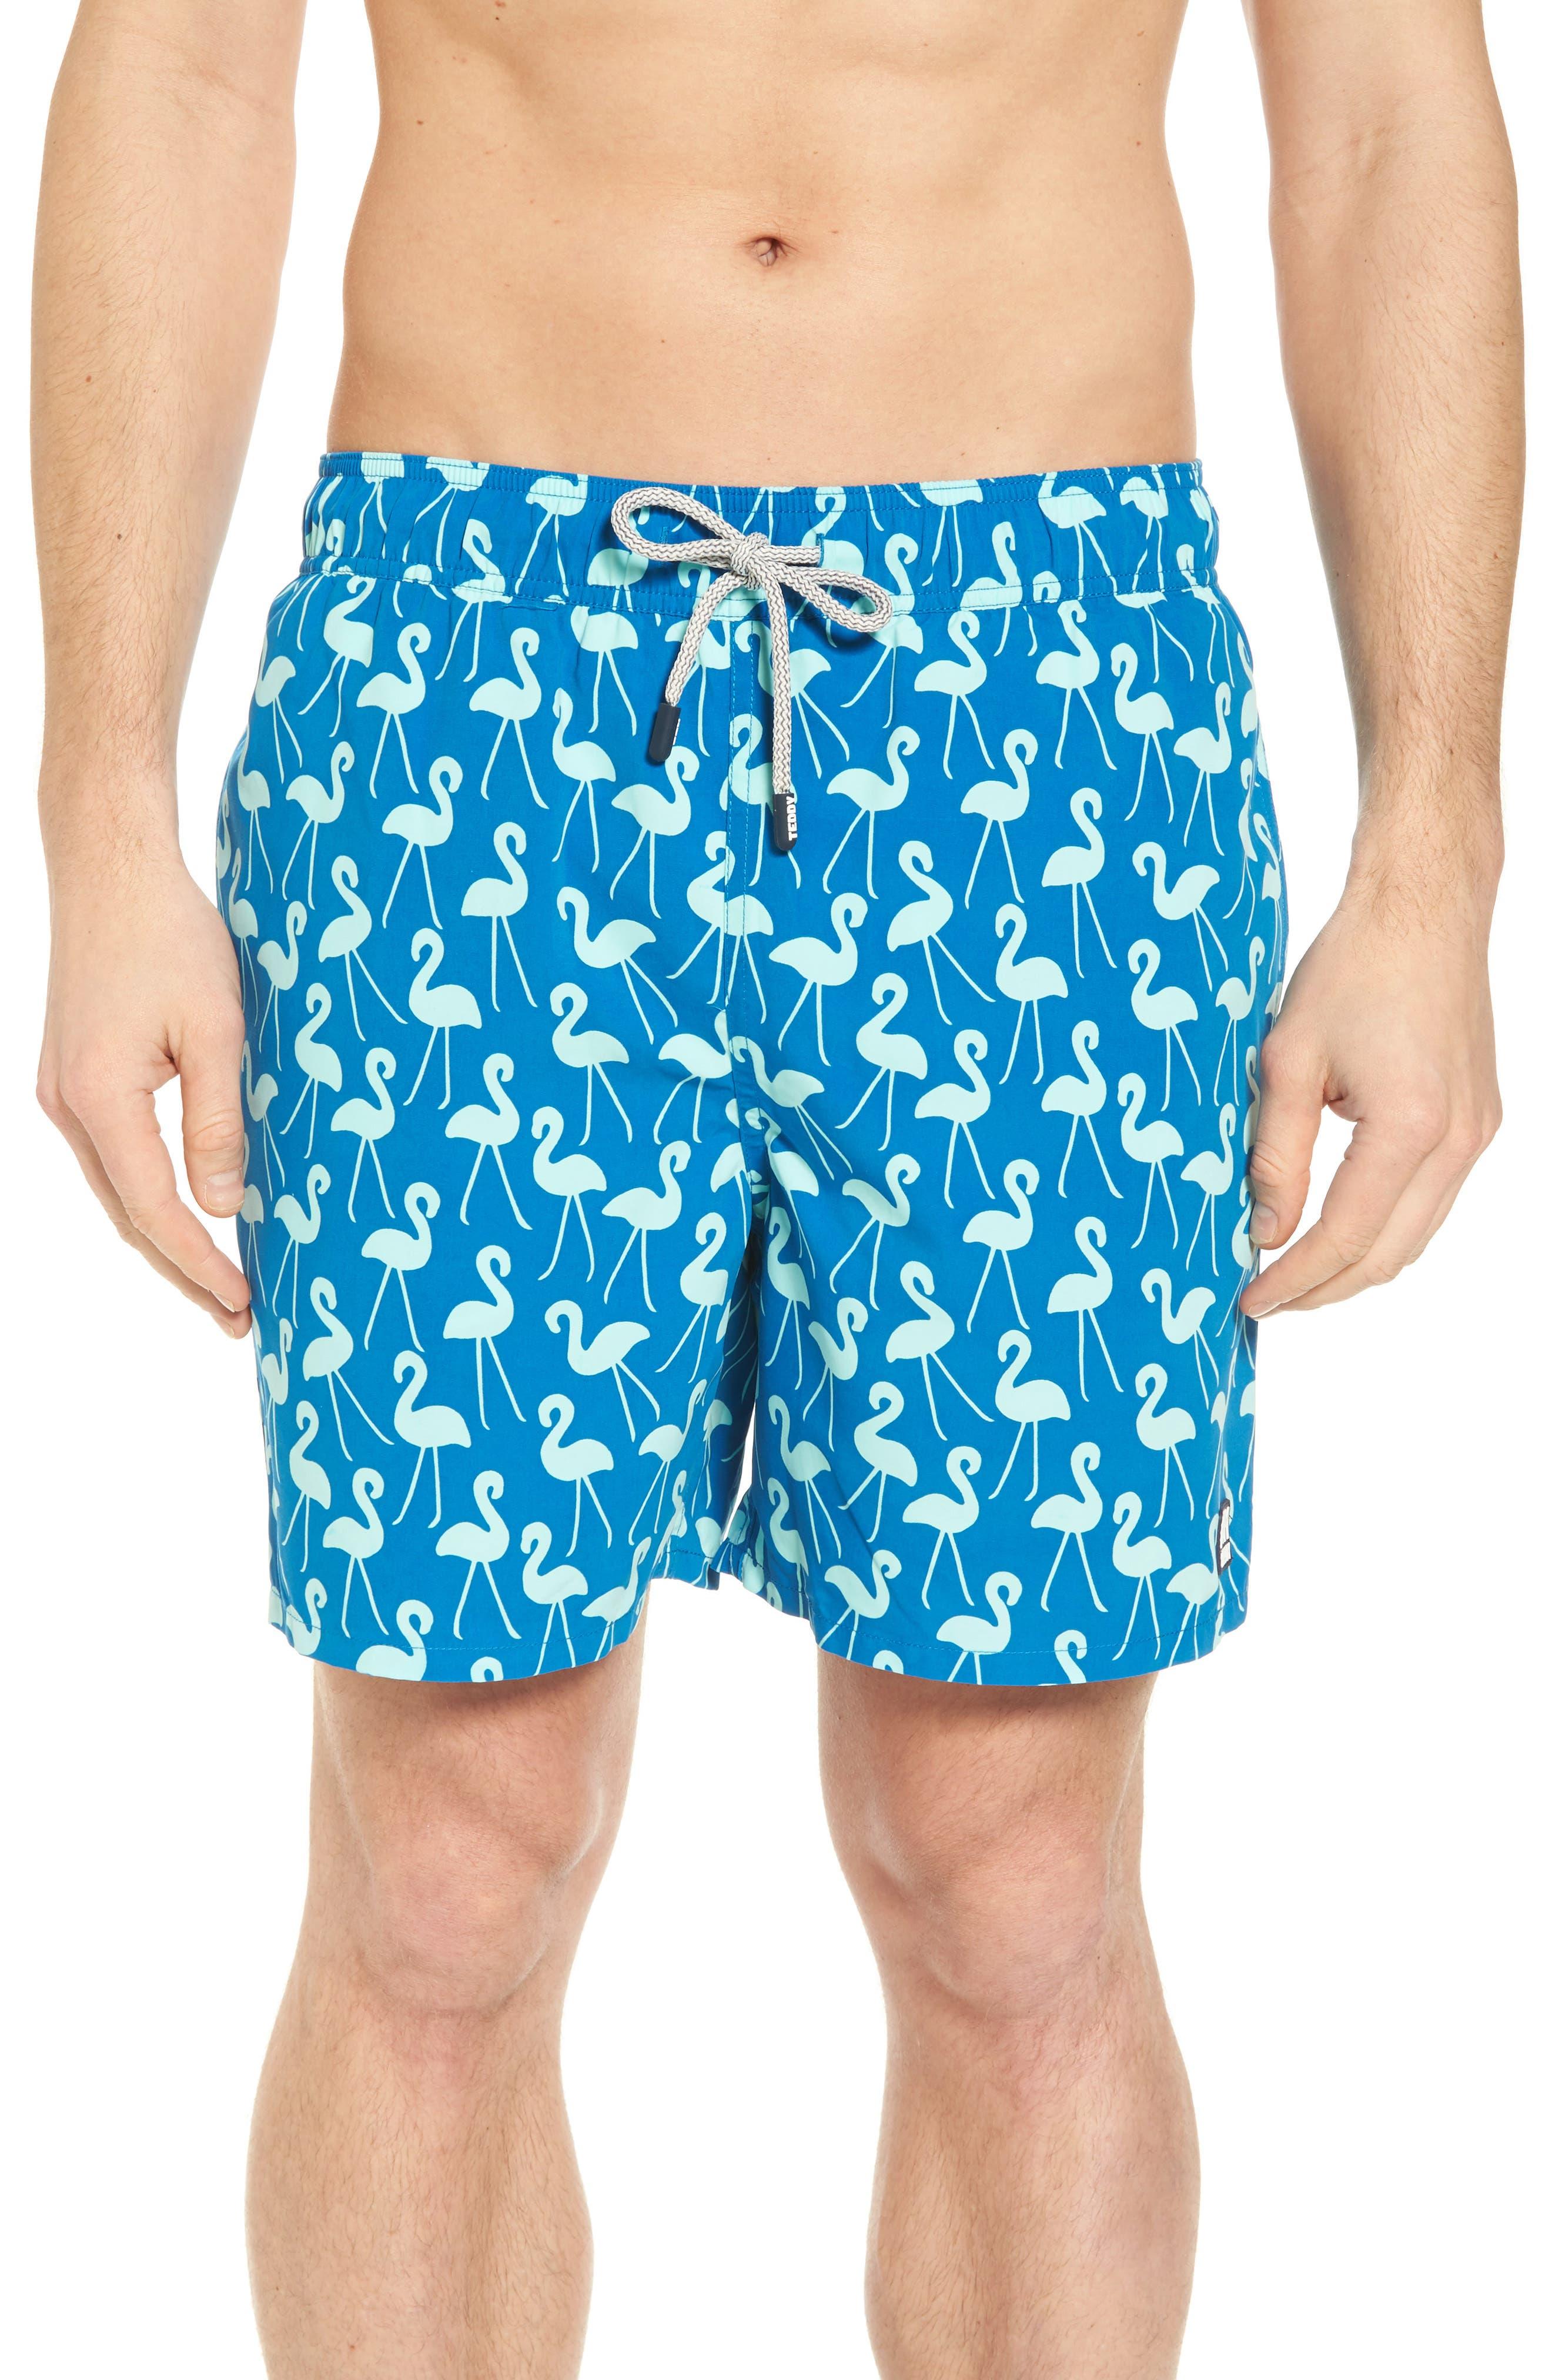 Flamingo Print Swim Trunks,                         Main,                         color, Sky Blue